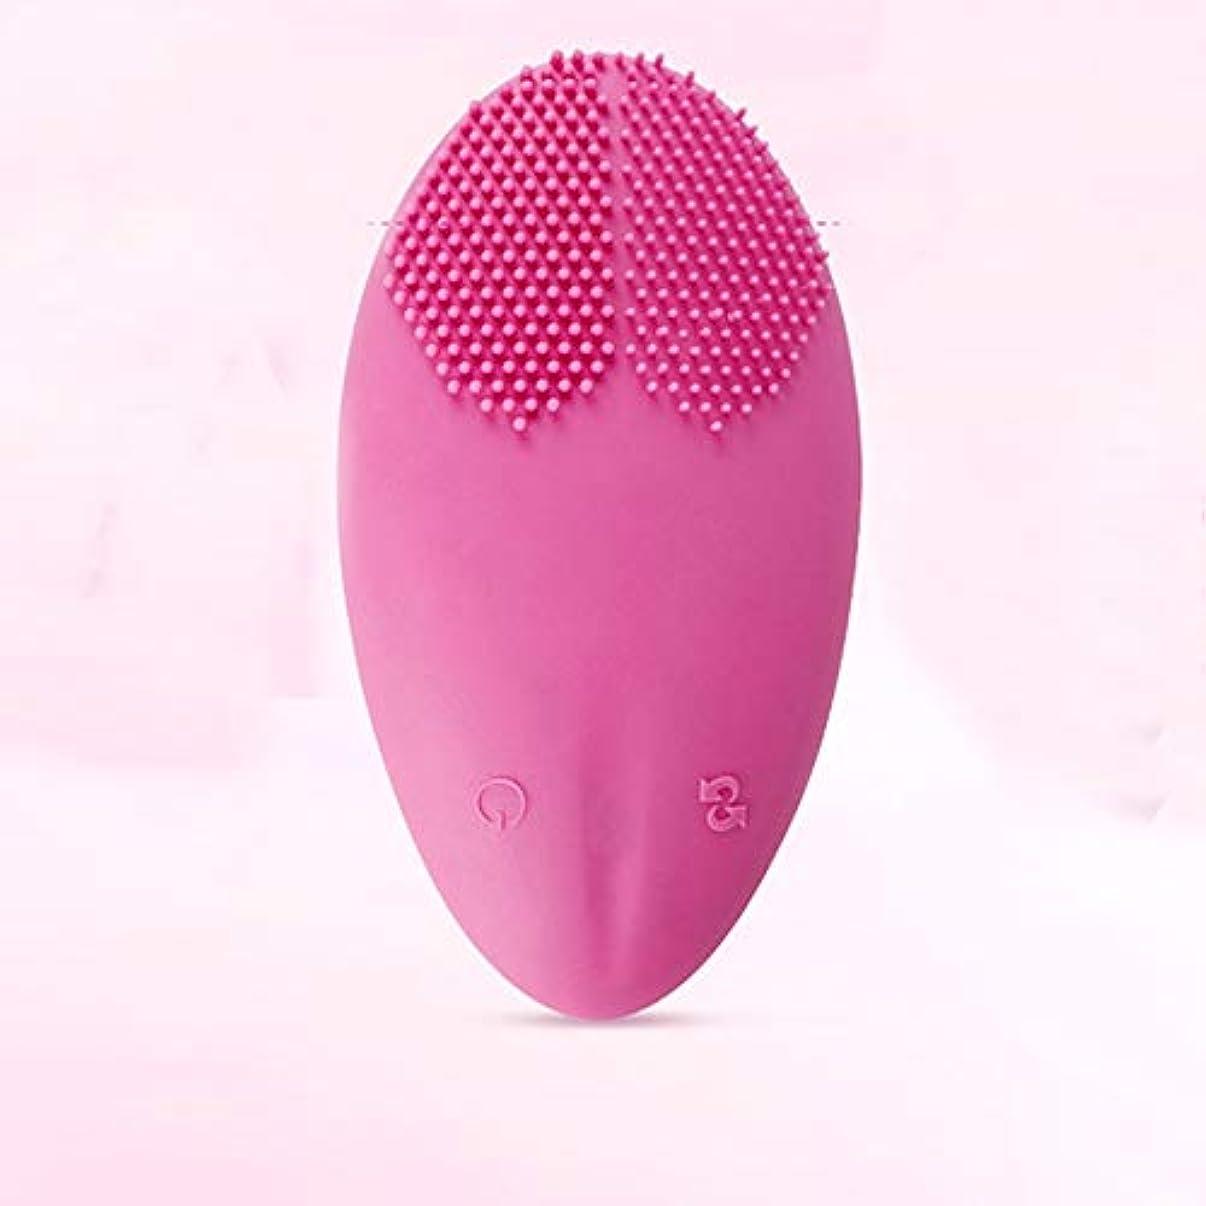 検出器急襲することになっているZXF 新しい電気シリコーンクレンジング楽器振動クリーン毛穴柔らかいシリコーンロングスタンバイ超音波洗浄ブラシピンク 滑らかである